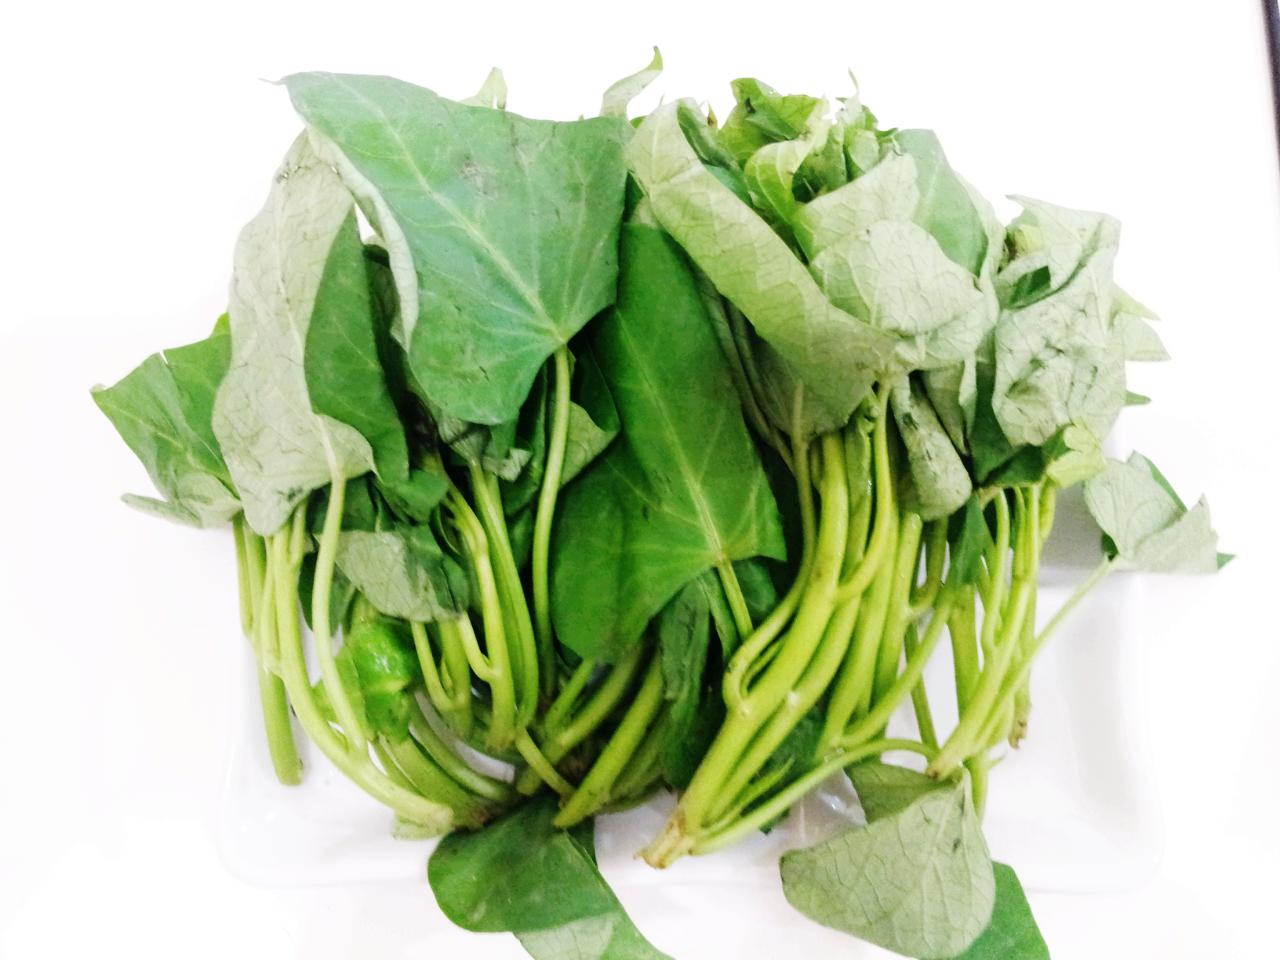 红薯 多吃防癌蔬菜--芦笋炒南瓜 蔬菜秋季生产要采取哪些保护措施?